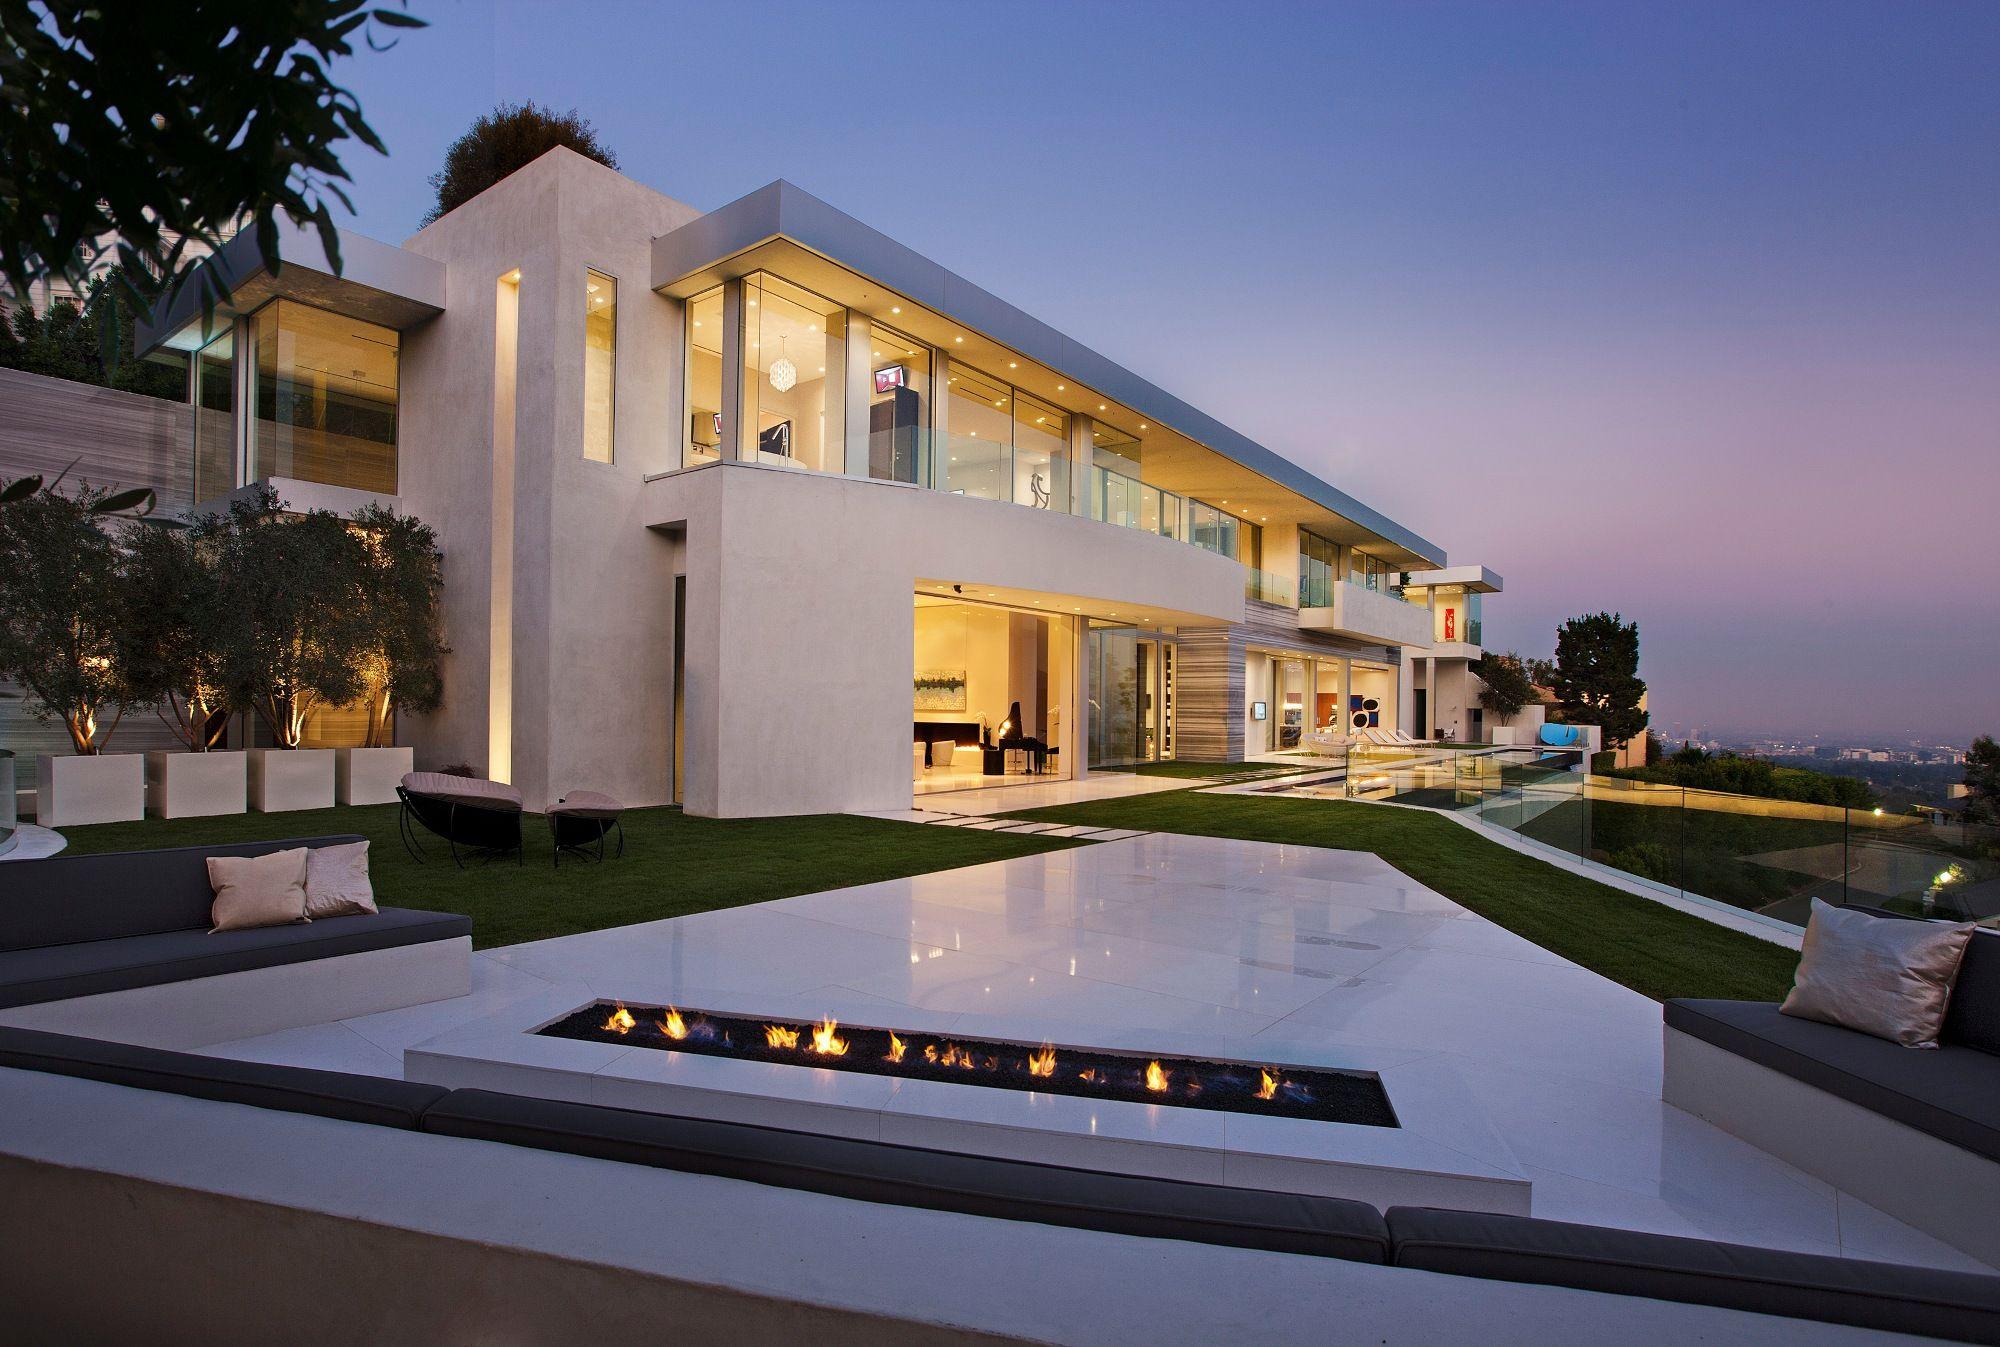 Sarbonne road residence villa de luxe maison de luxe maison design ma maison